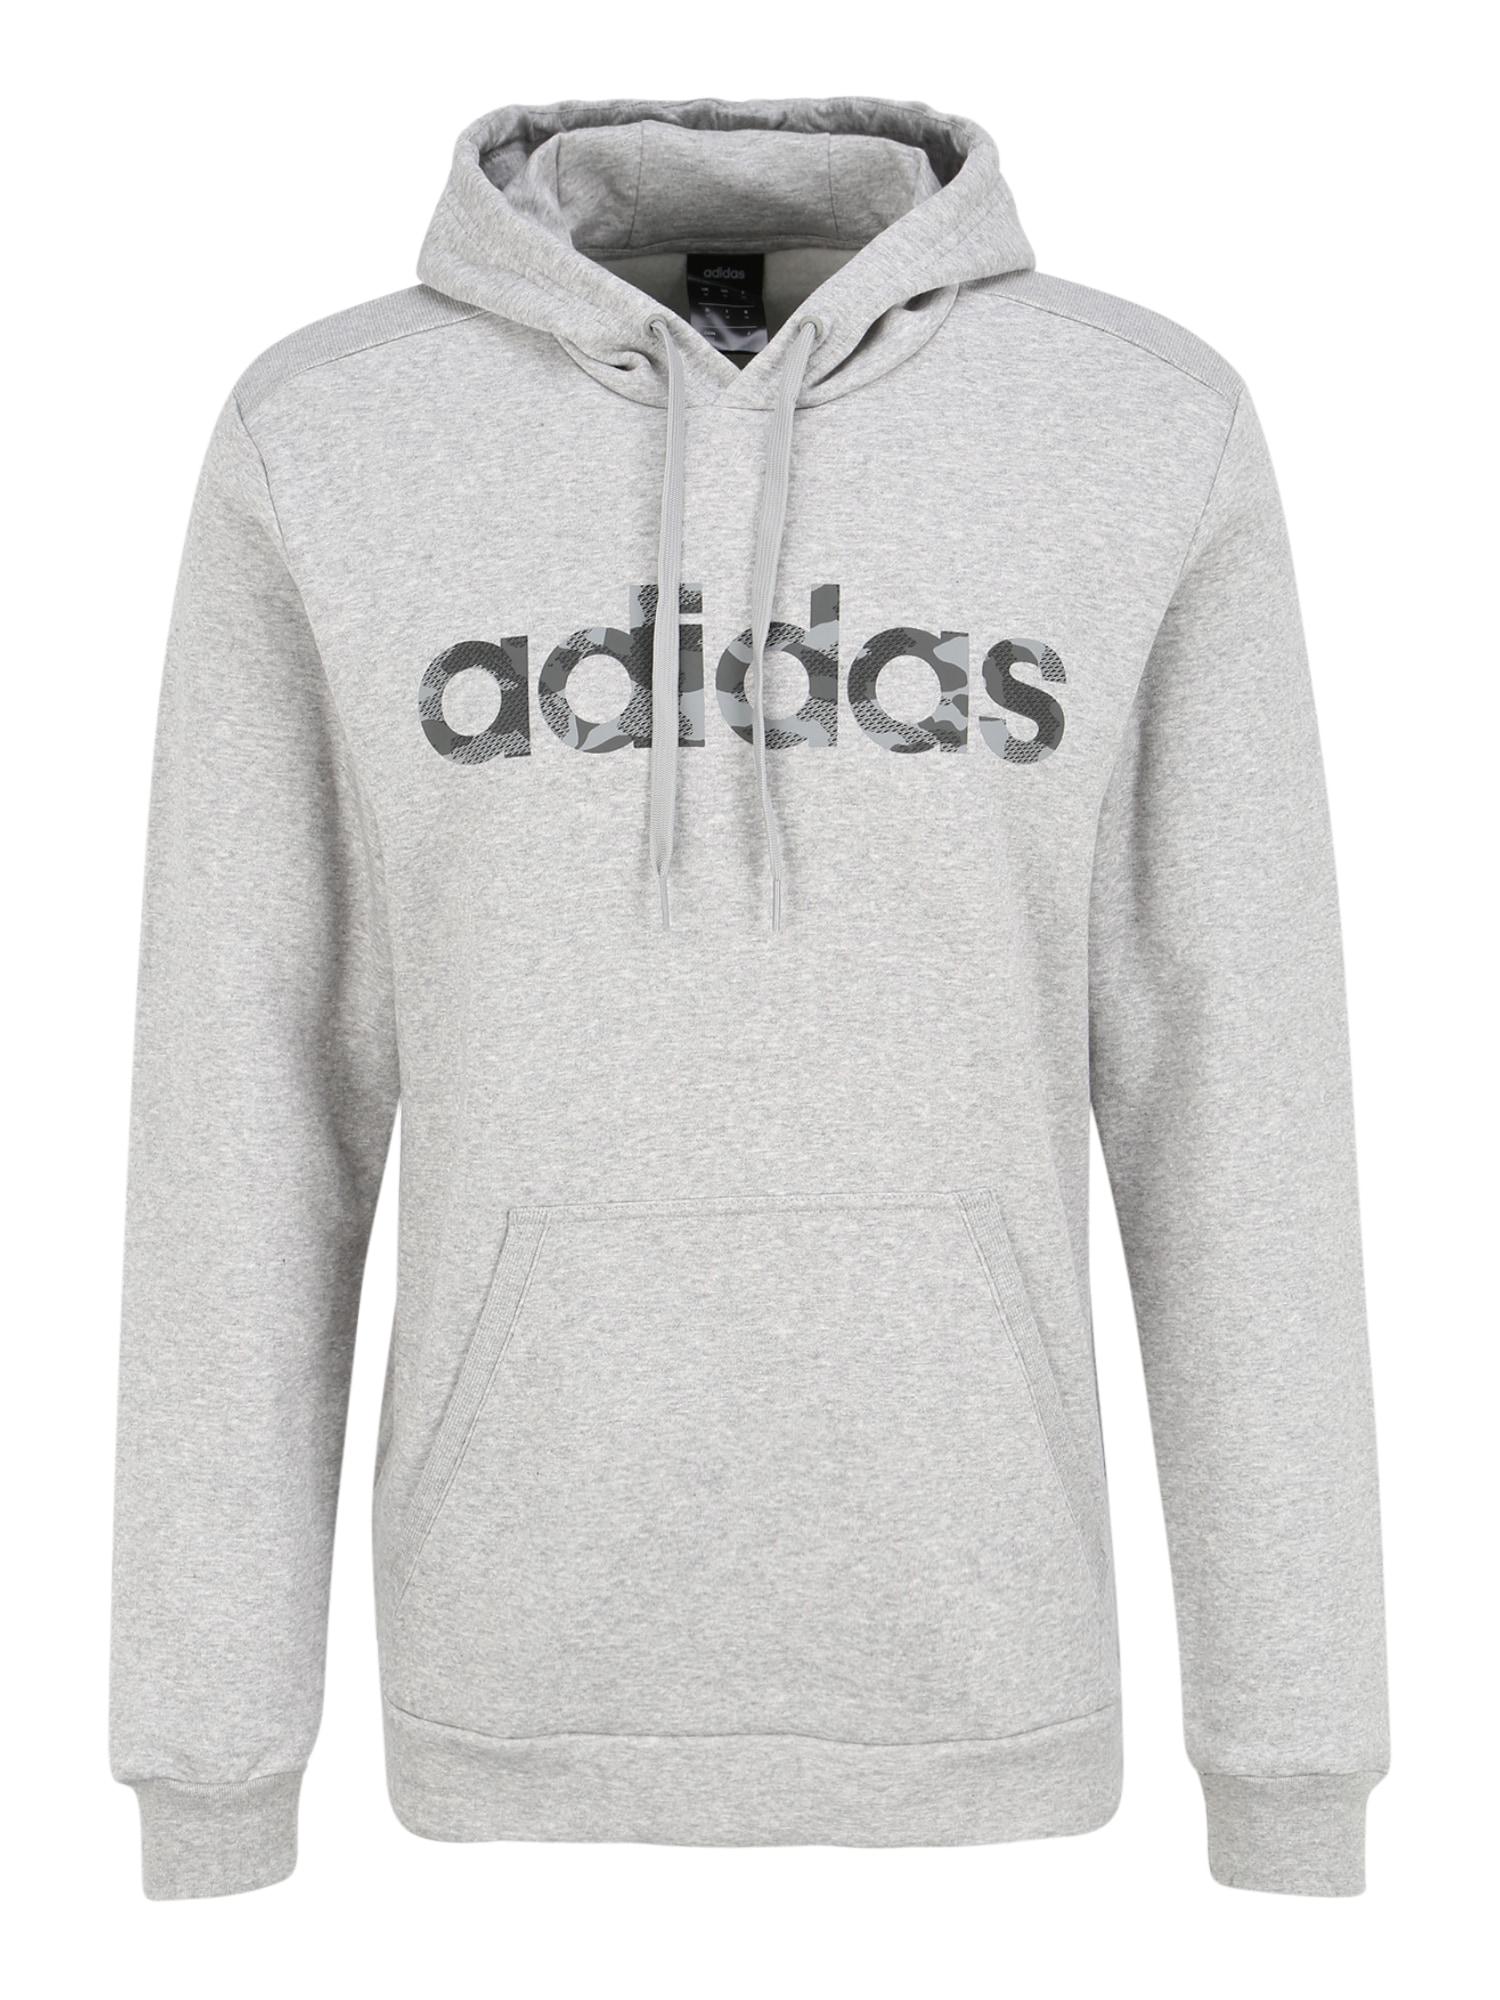 ADIDAS PERFORMANCE Sportinio tipo megztinis bazalto pilka / margai pilka